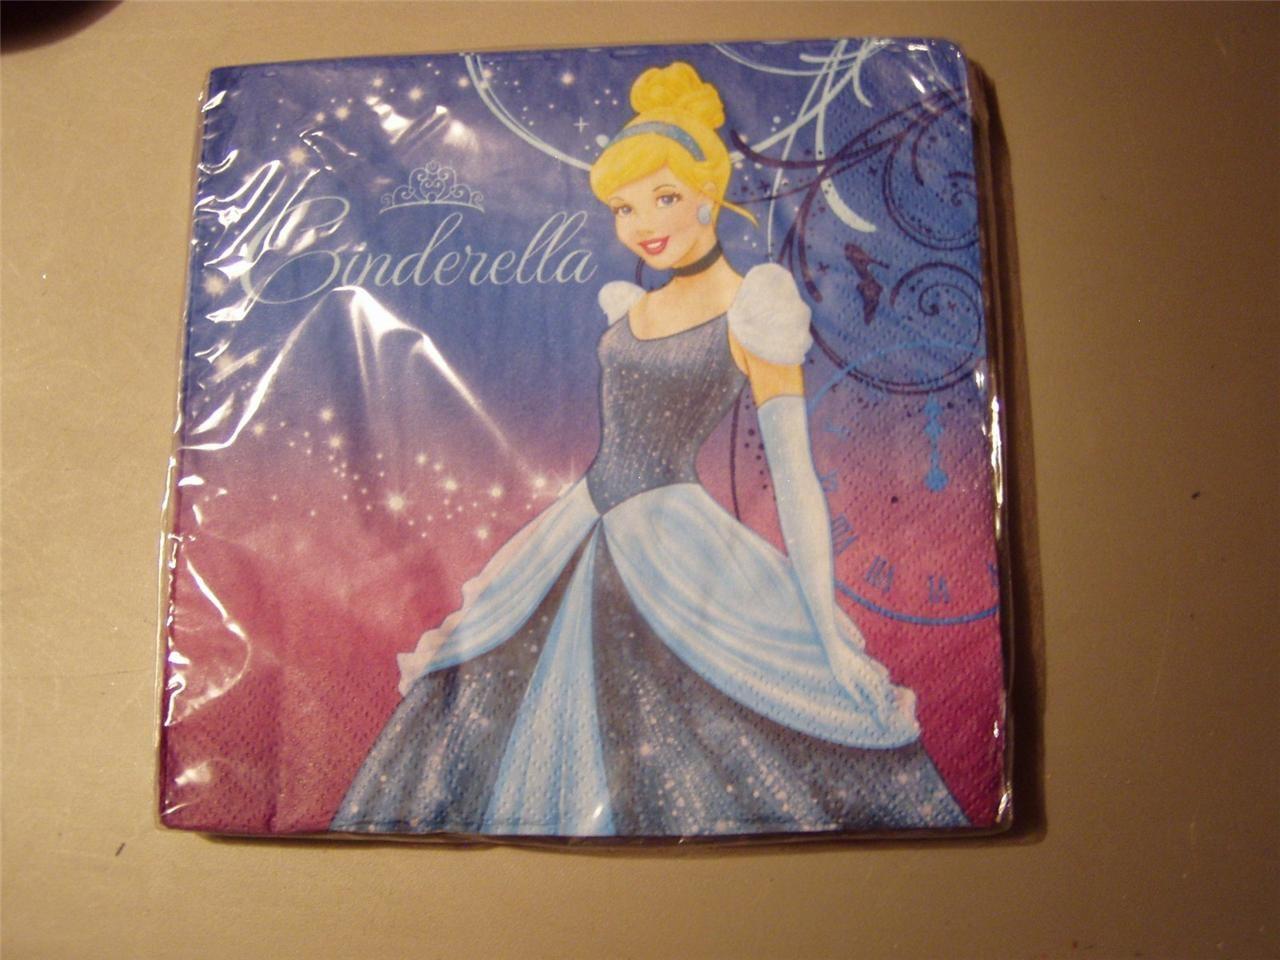 Disney Princess Cinderella Party Napkins By Hallmark (2 Sets) - $10.99